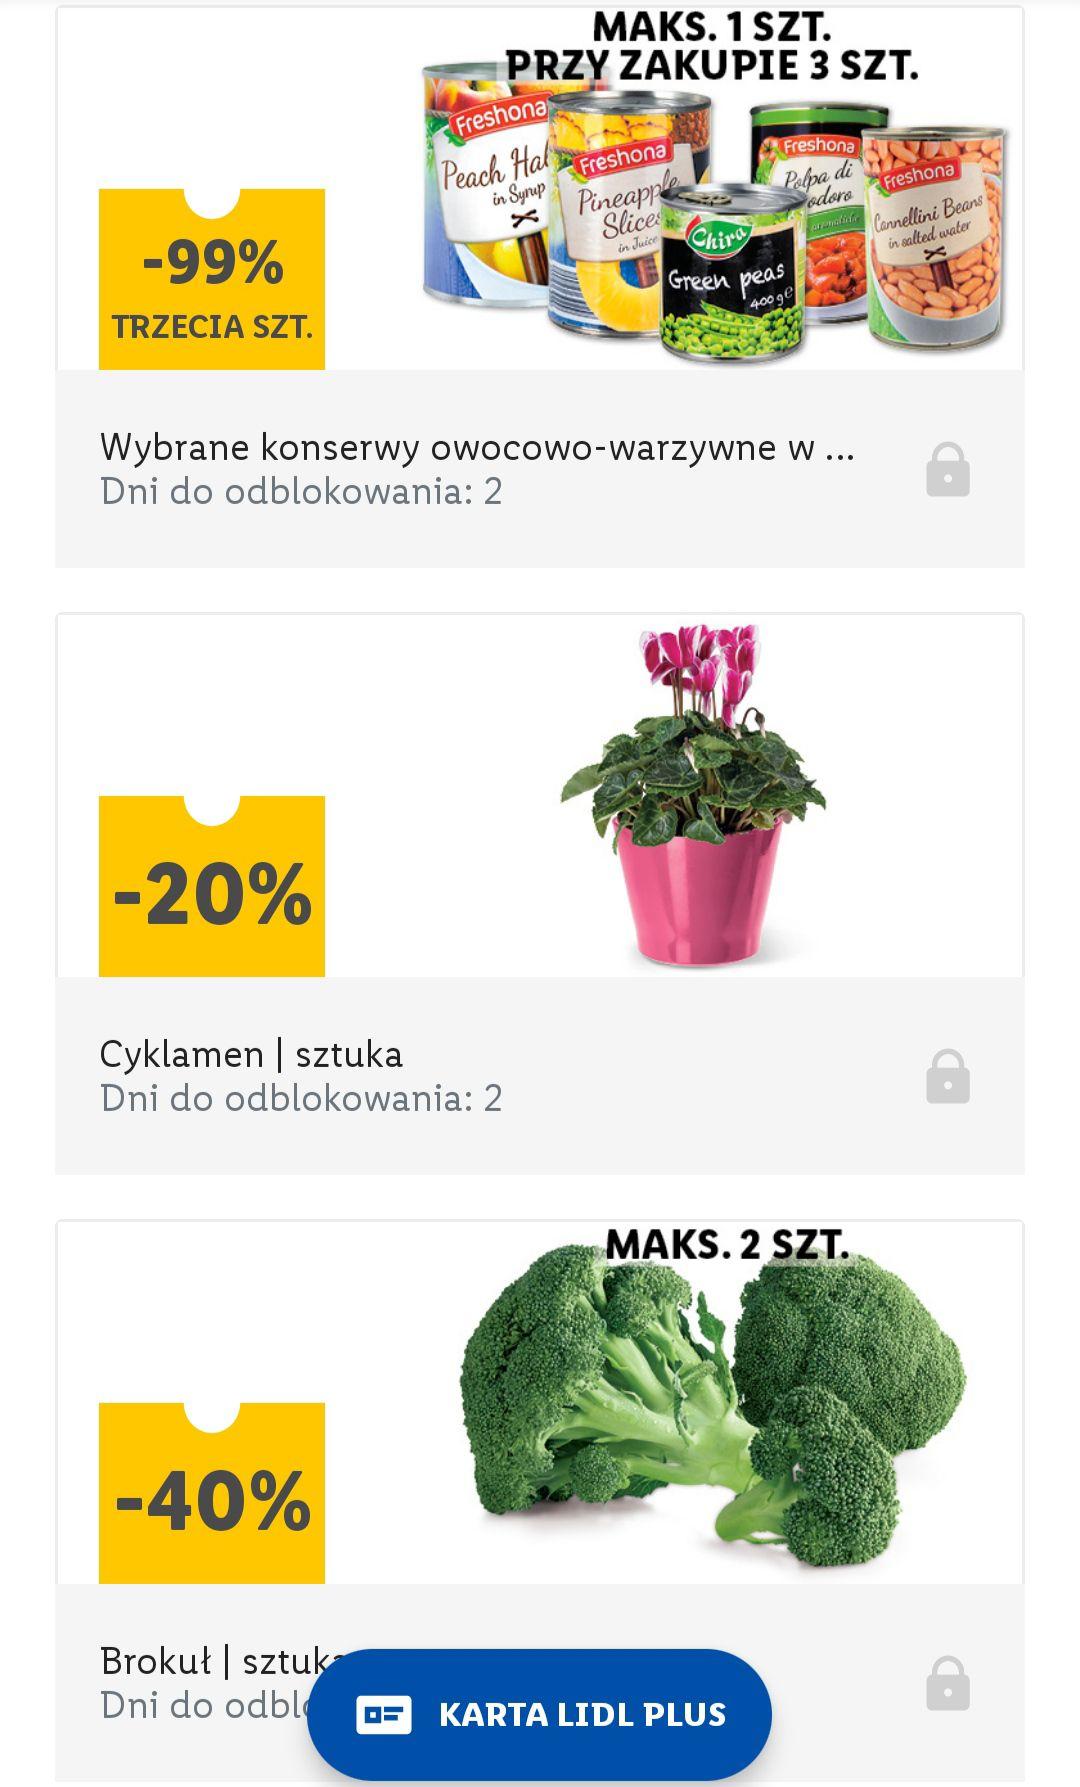 Ananas, brzoskwinie oraz inne puszki owocowo warzywne 3cia gratis. Brokuł 40 % taniej. Lidl